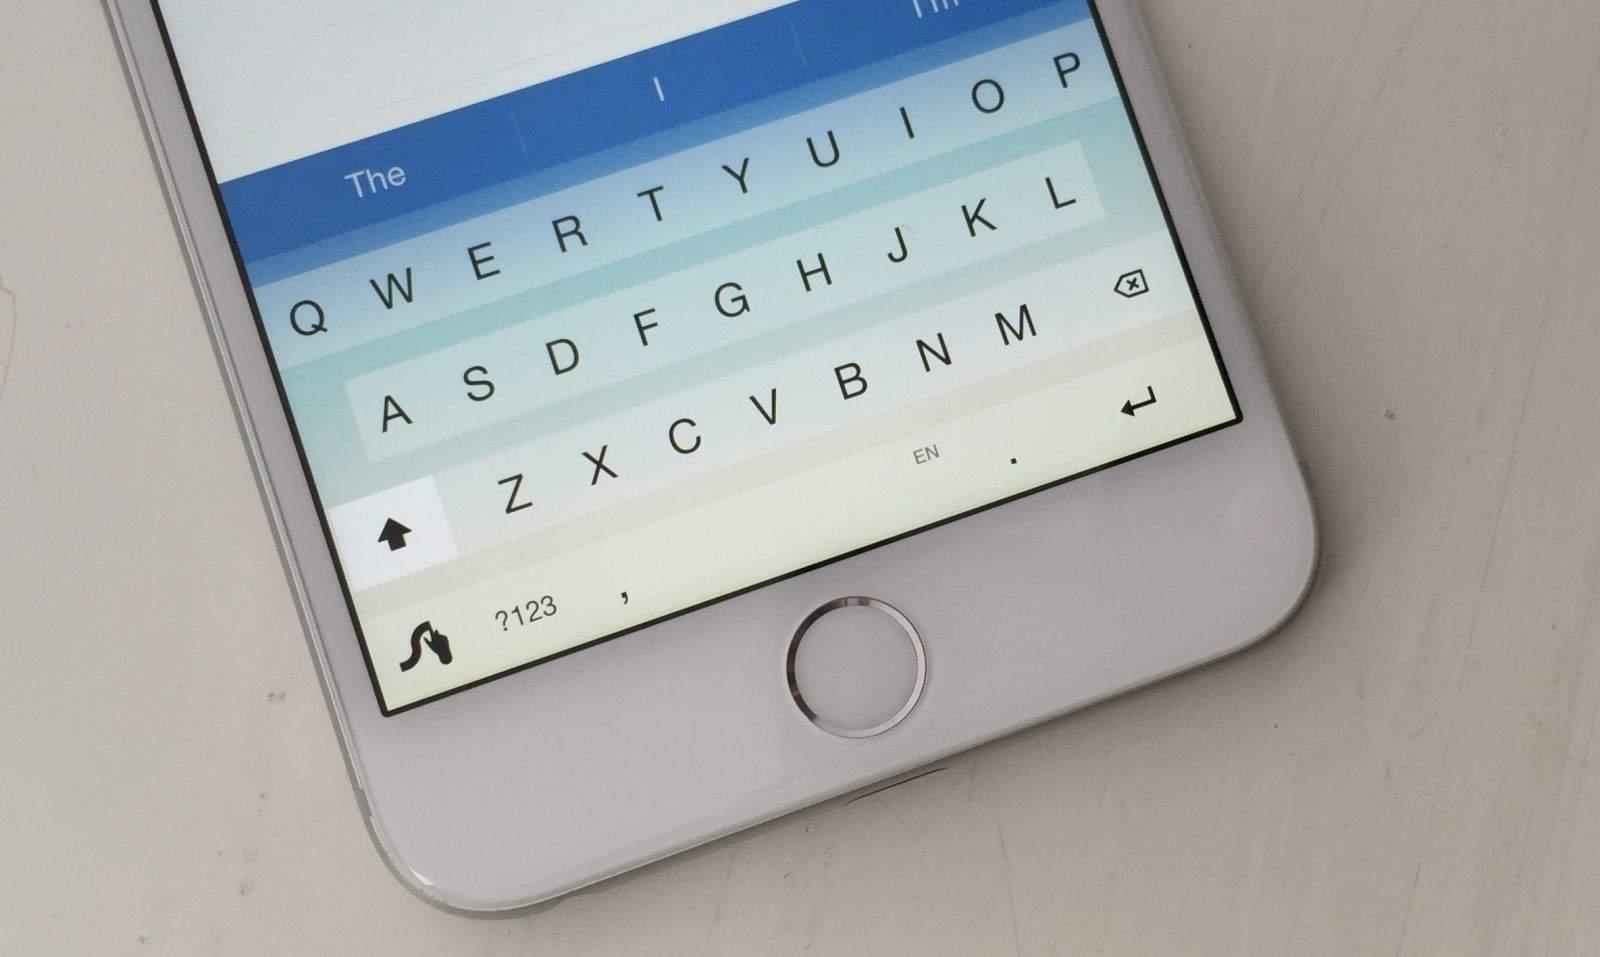 Swype iOS